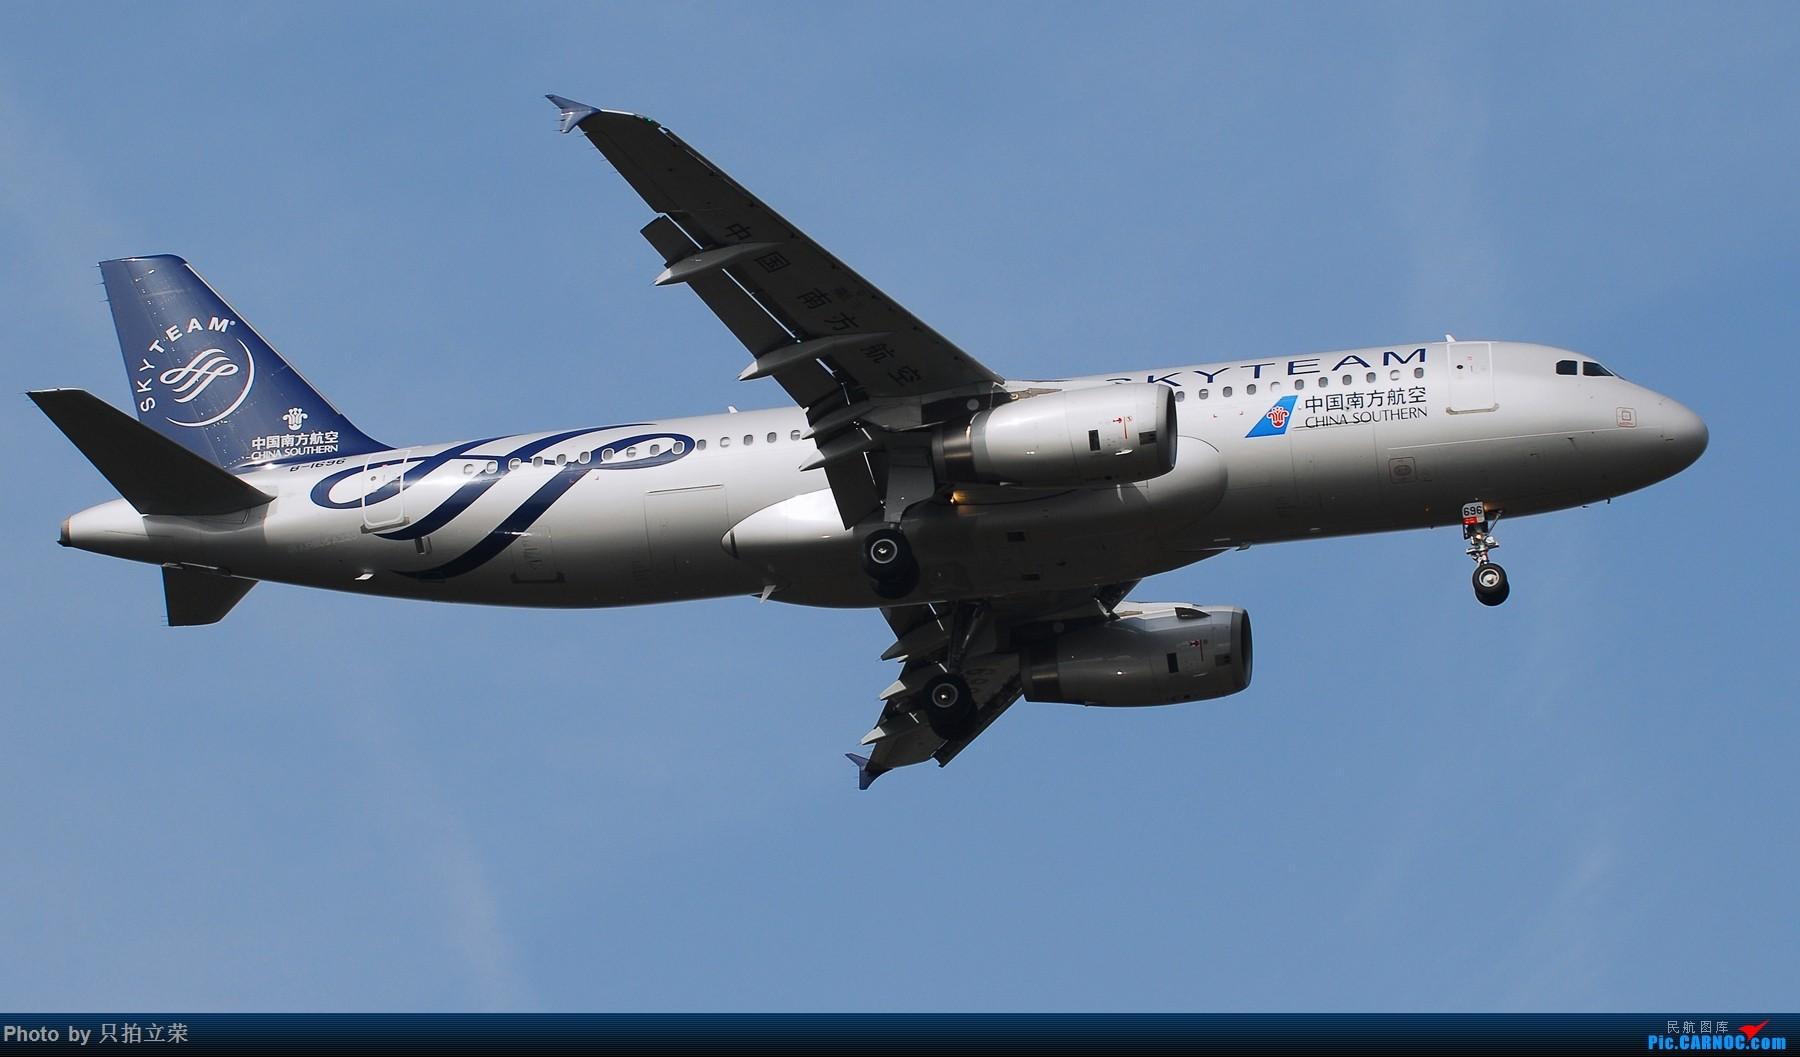 Re:[原创]湖南飞友会之连续一个月的雨,放晴怎能不去机场! AIRBUS A320-200 B-1696 中国长沙黄花国际机场